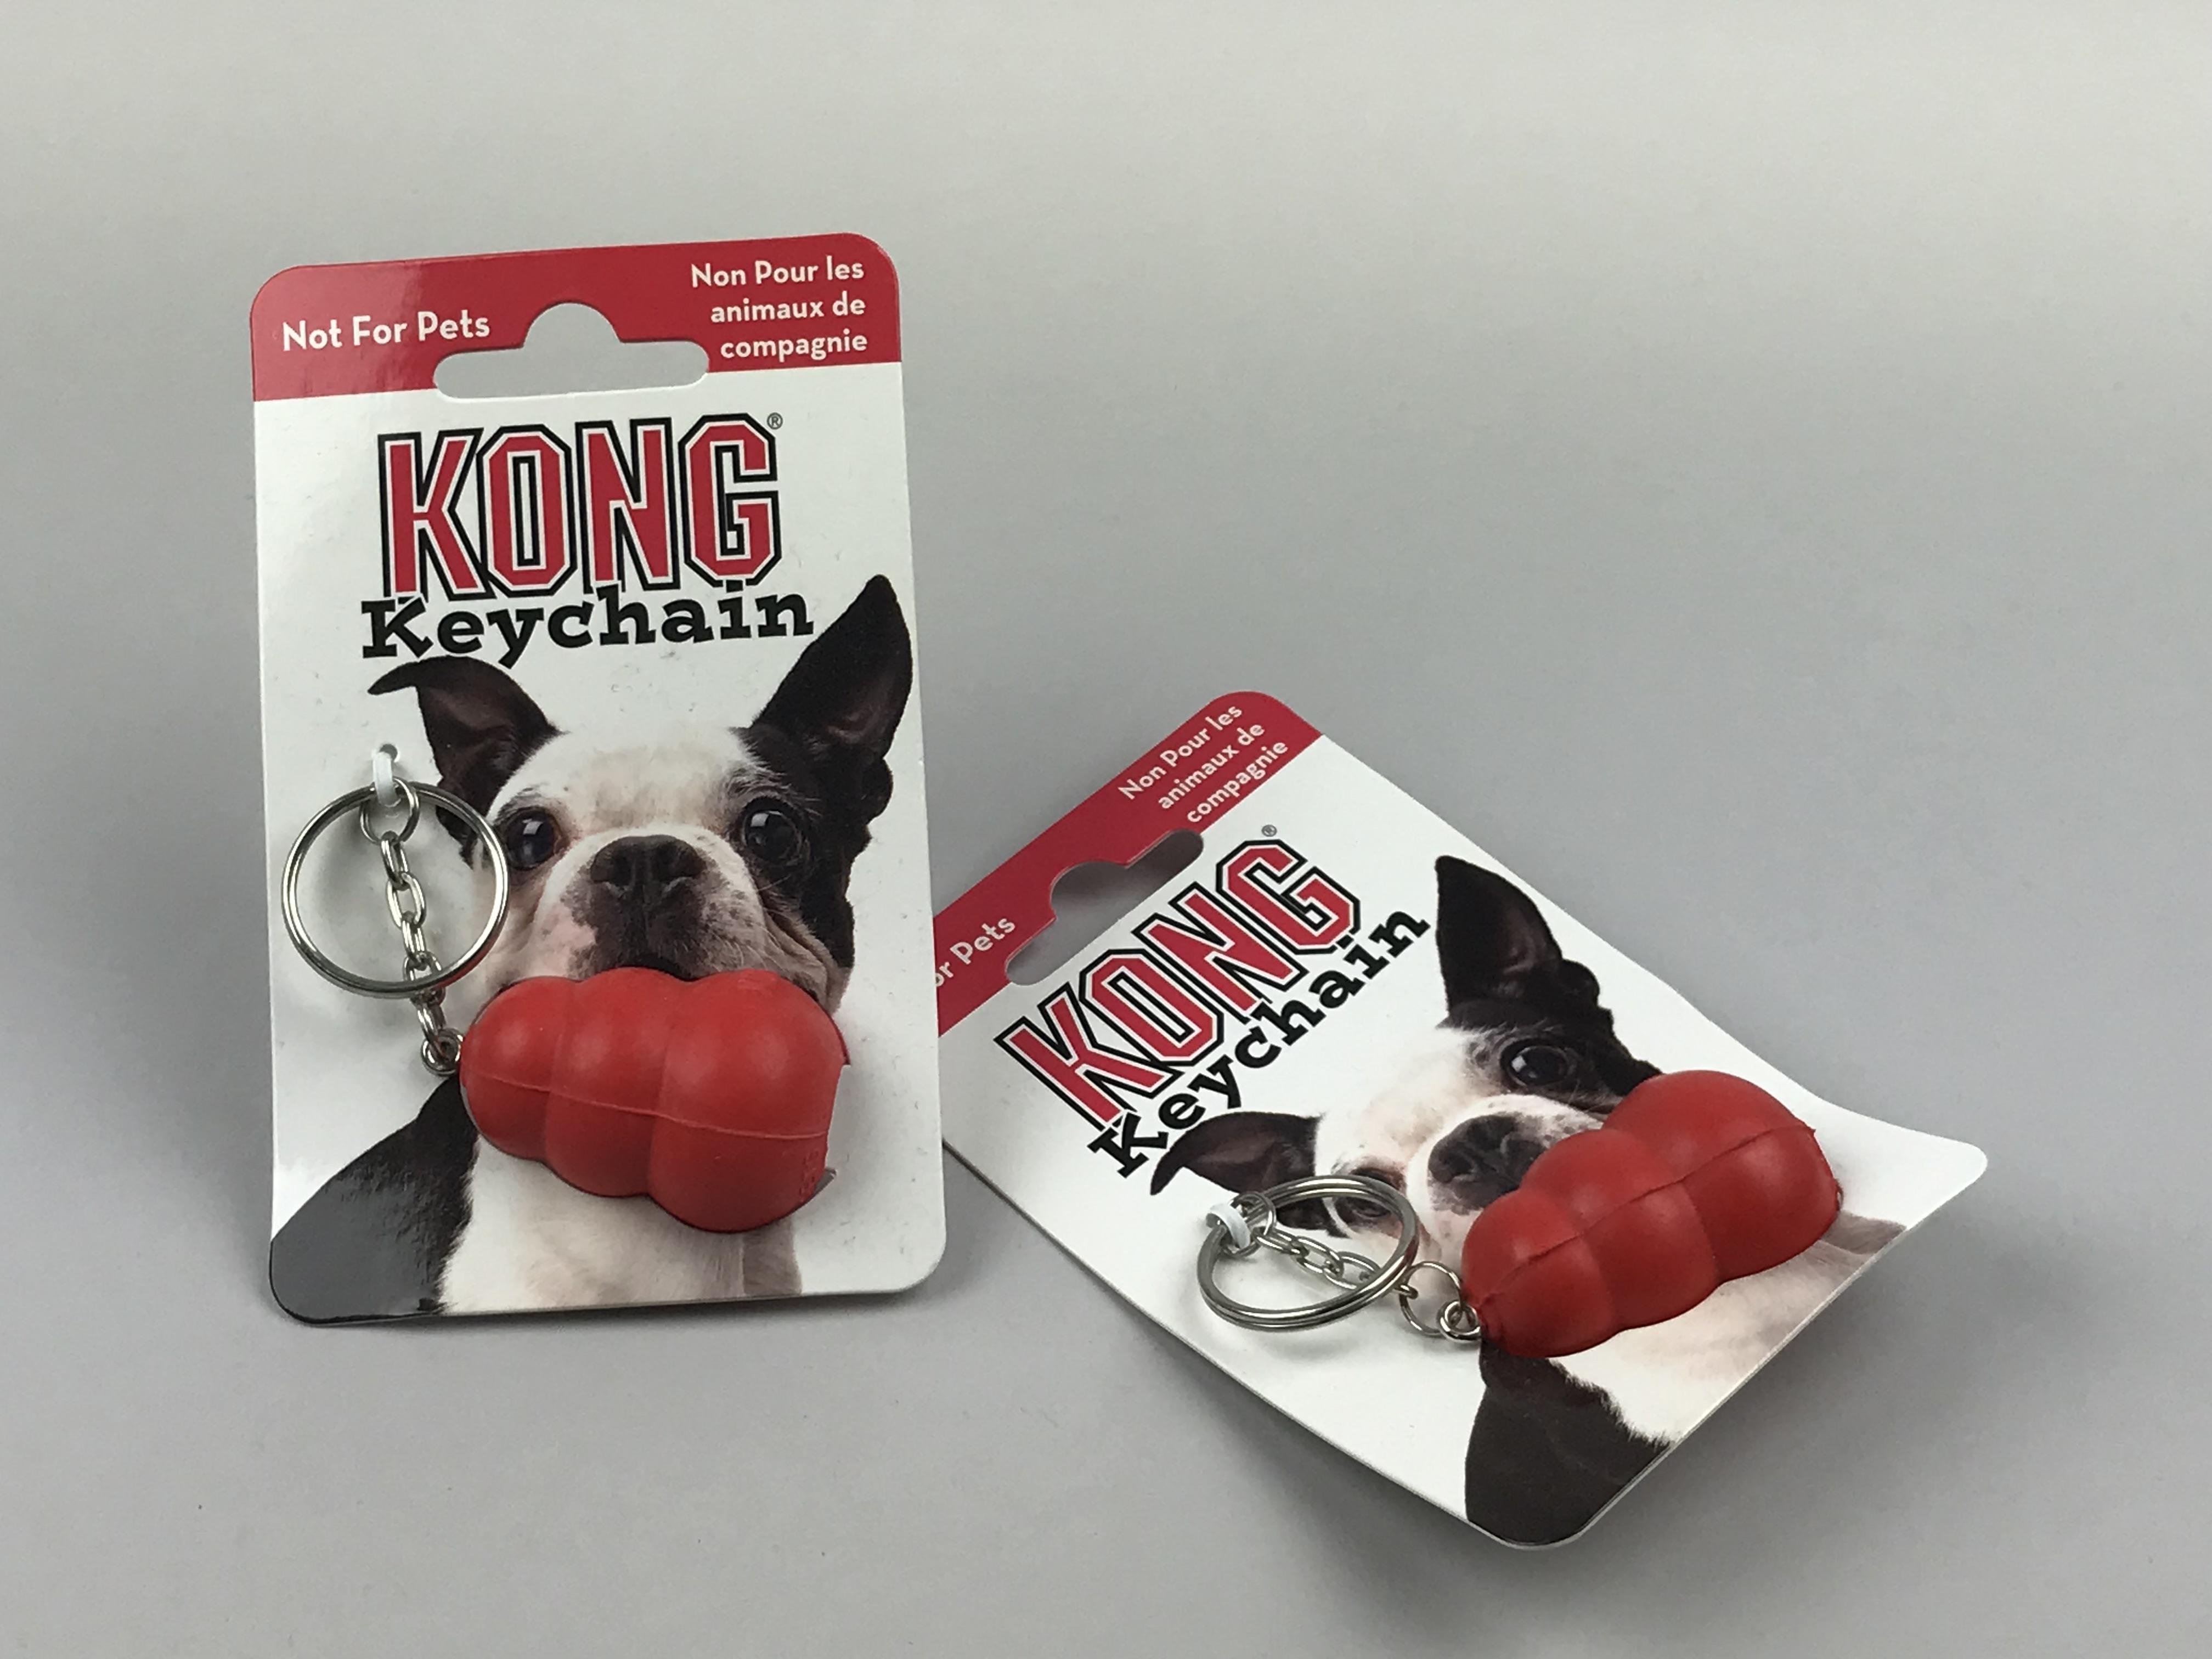 De enige echte originele Kong Company sleutelhanger. Bij ons verkrijgbaar. Het ultieme hondenbezitter cadeautje.